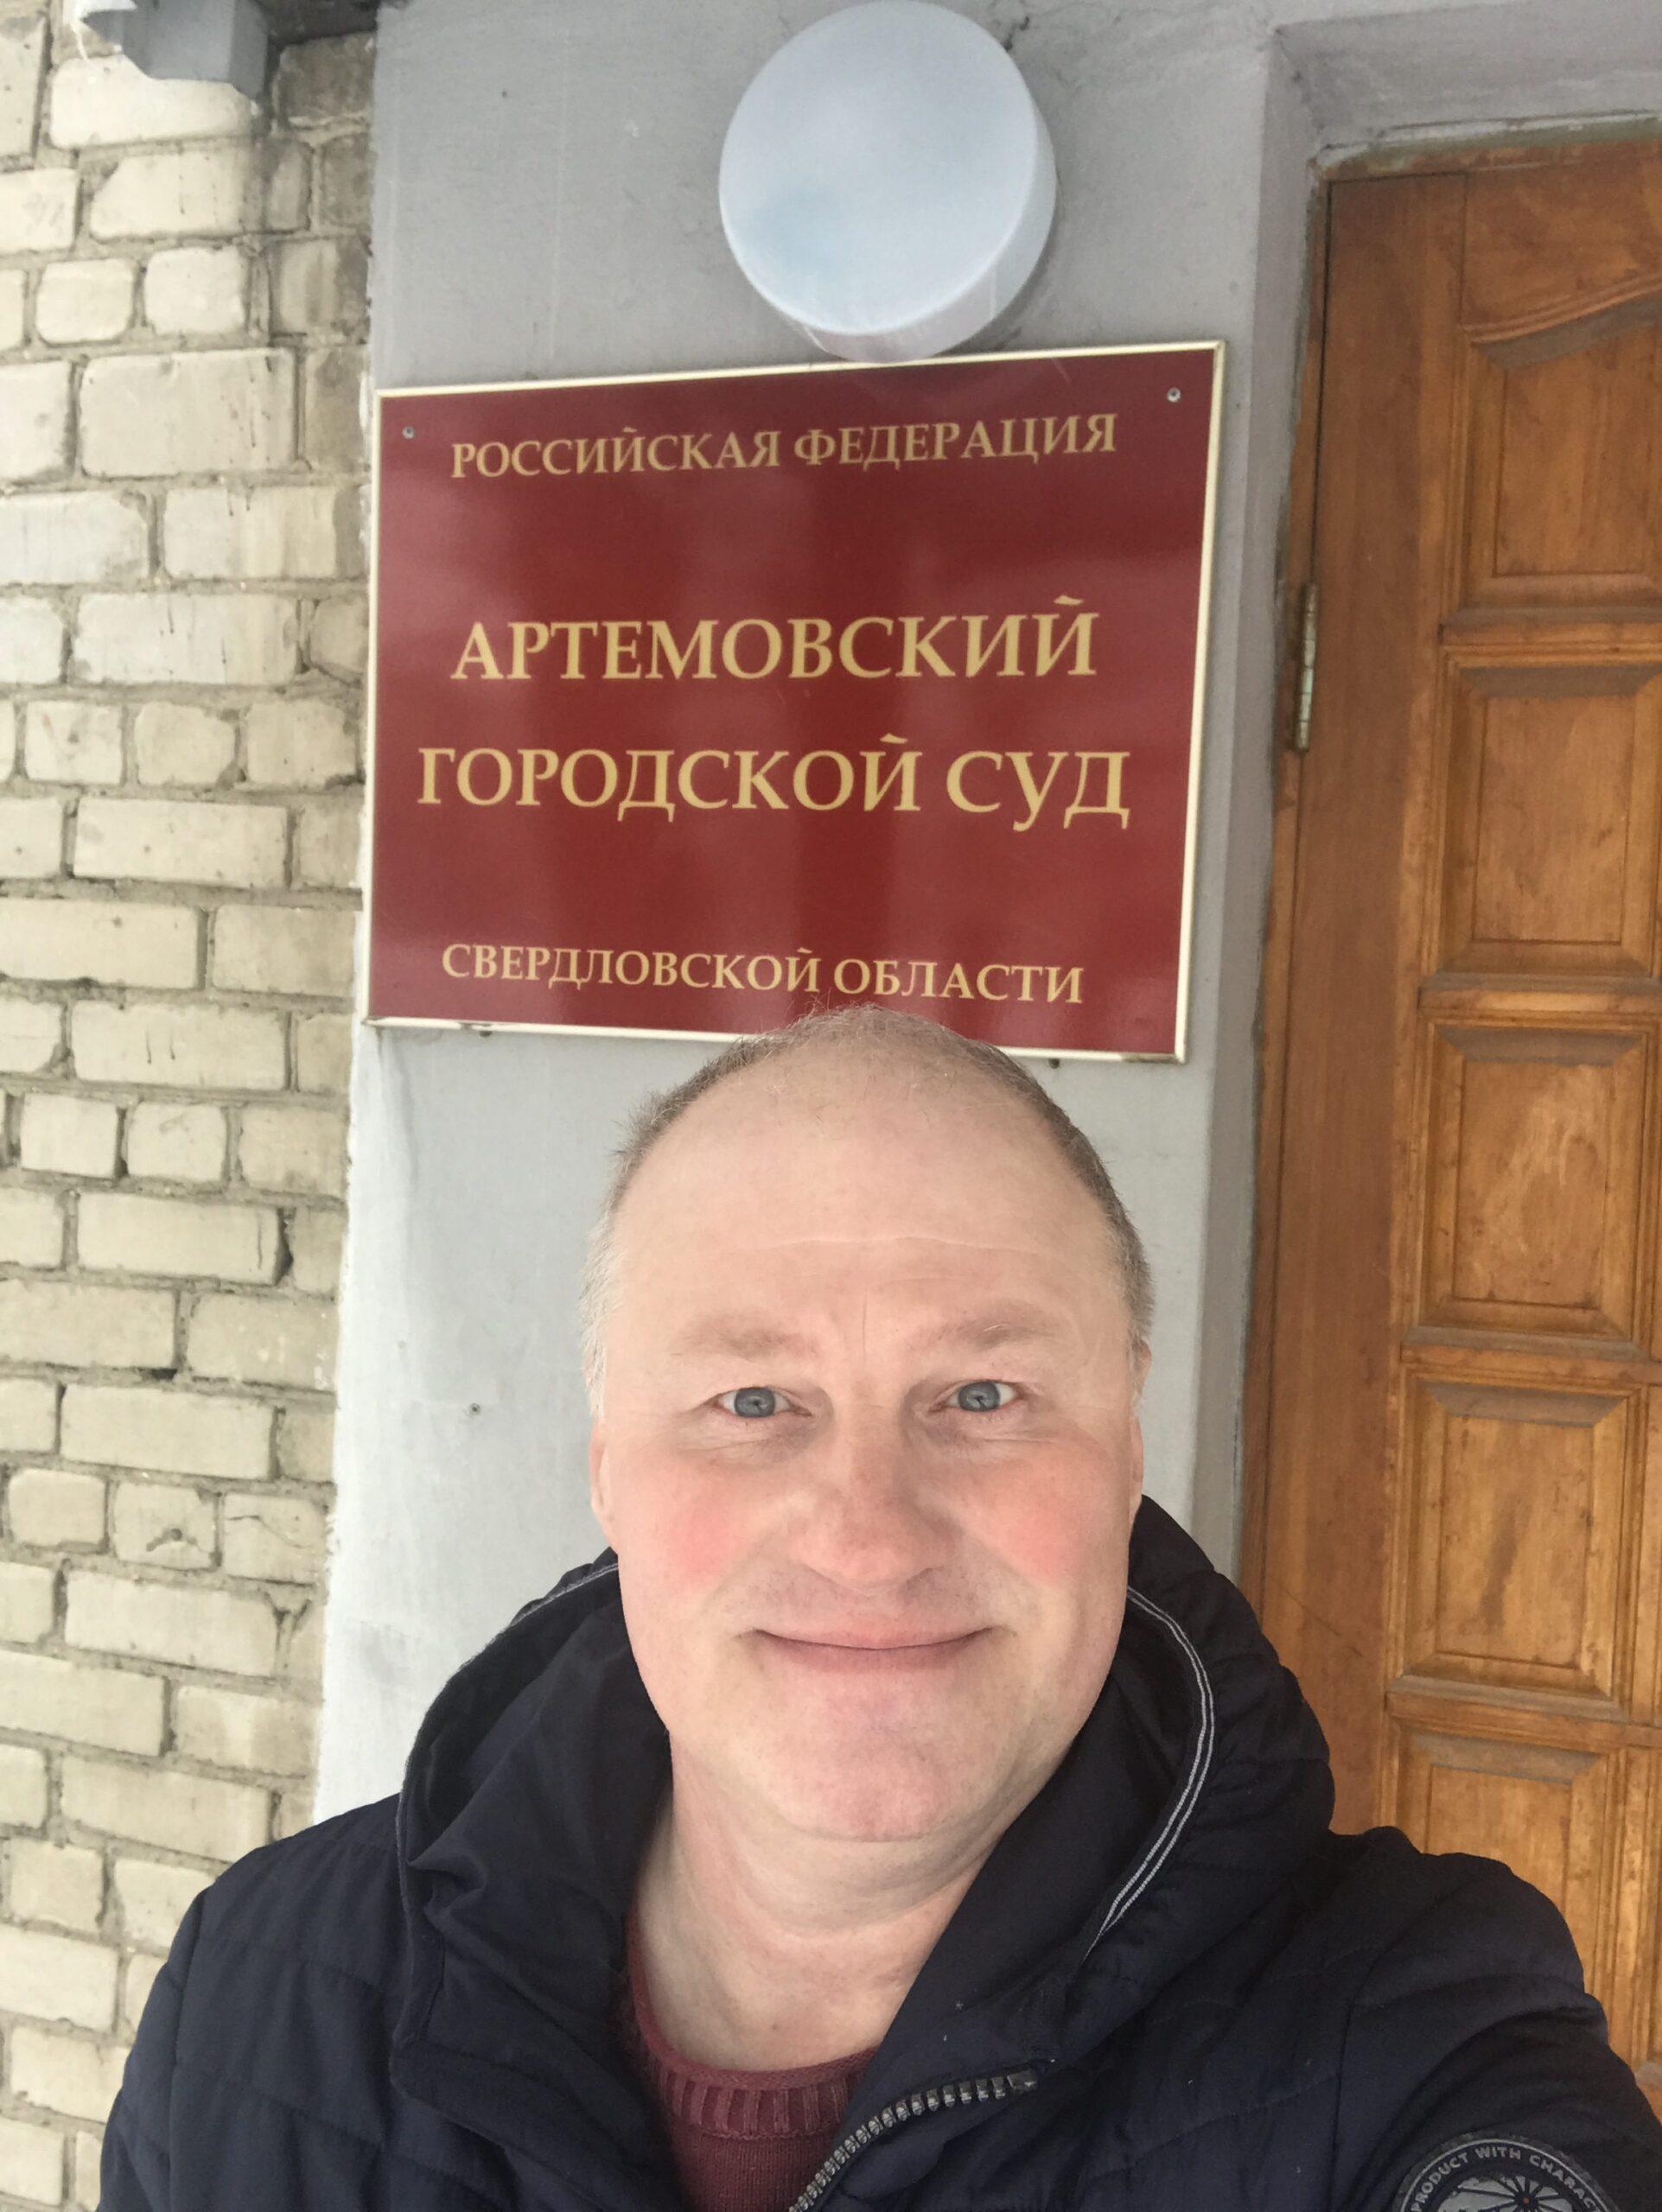 Артемовский городской суд: работаю по мошенничеству ч. 3 ст. 159 УК РФ.